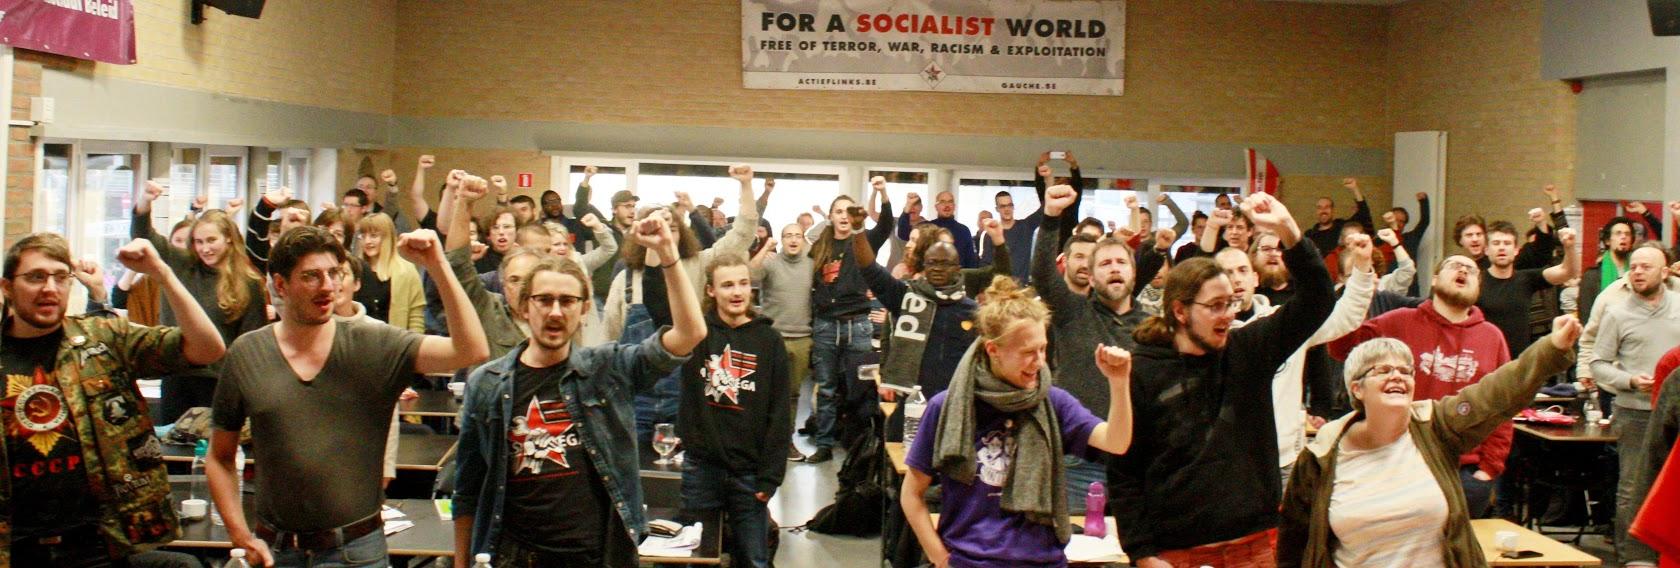 Turbulente tijden: kapitalisme op alle terreinen in crisis. Verzet richten op socialistische maatschappijverandering